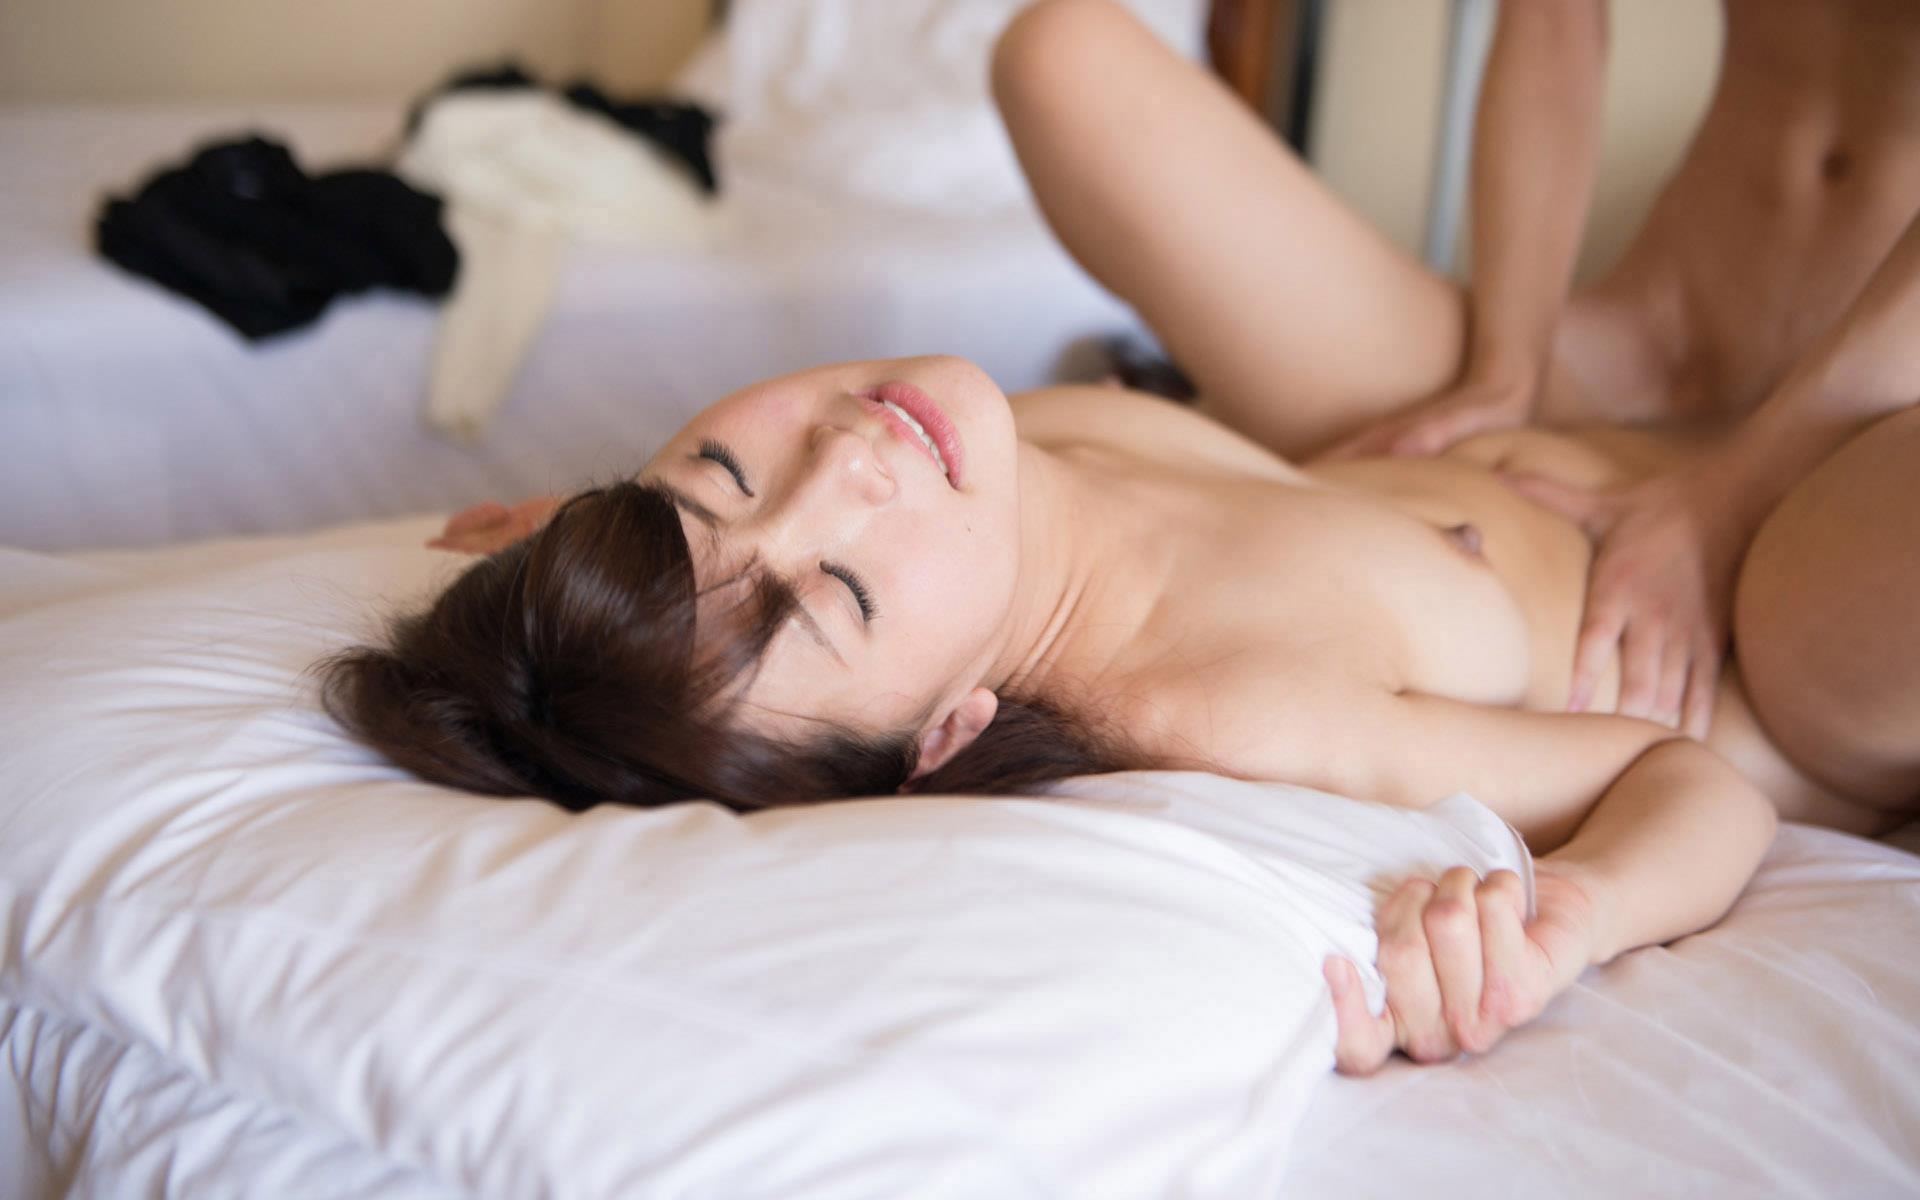 大場ゆい 白い微笑が和む癒し系AV女優セックス画像